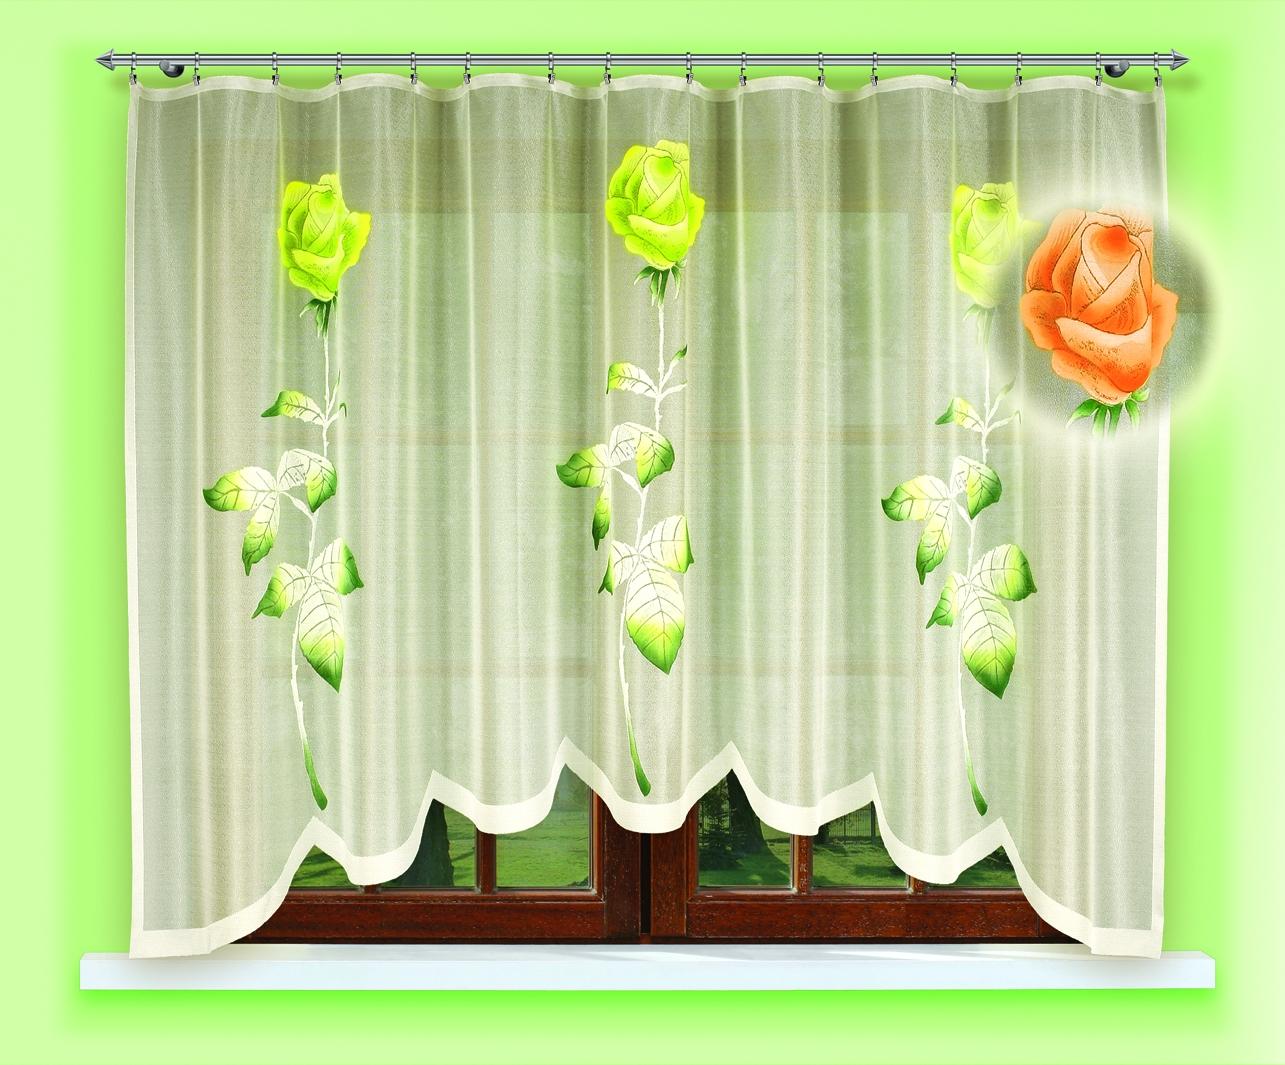 Гардина Haft, цвет: зеленый, 160 х 300. 54550/160 зеленыйDAVC150Гардина Haft изготовленная из полиэстера, станет изюминкой интерьера вашей комнаты.